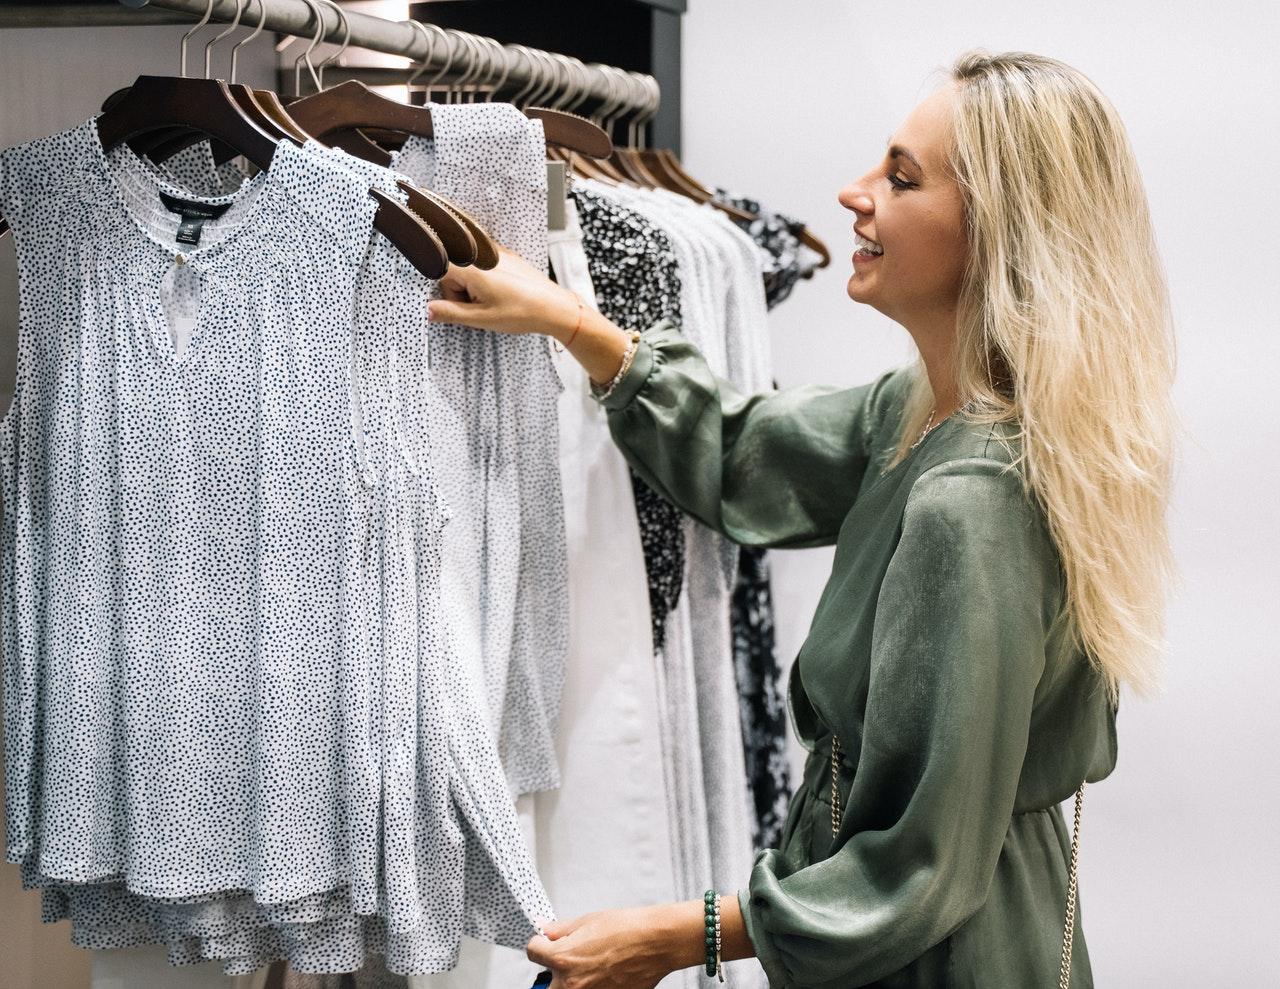 Kvinder kigger på tøj på knager